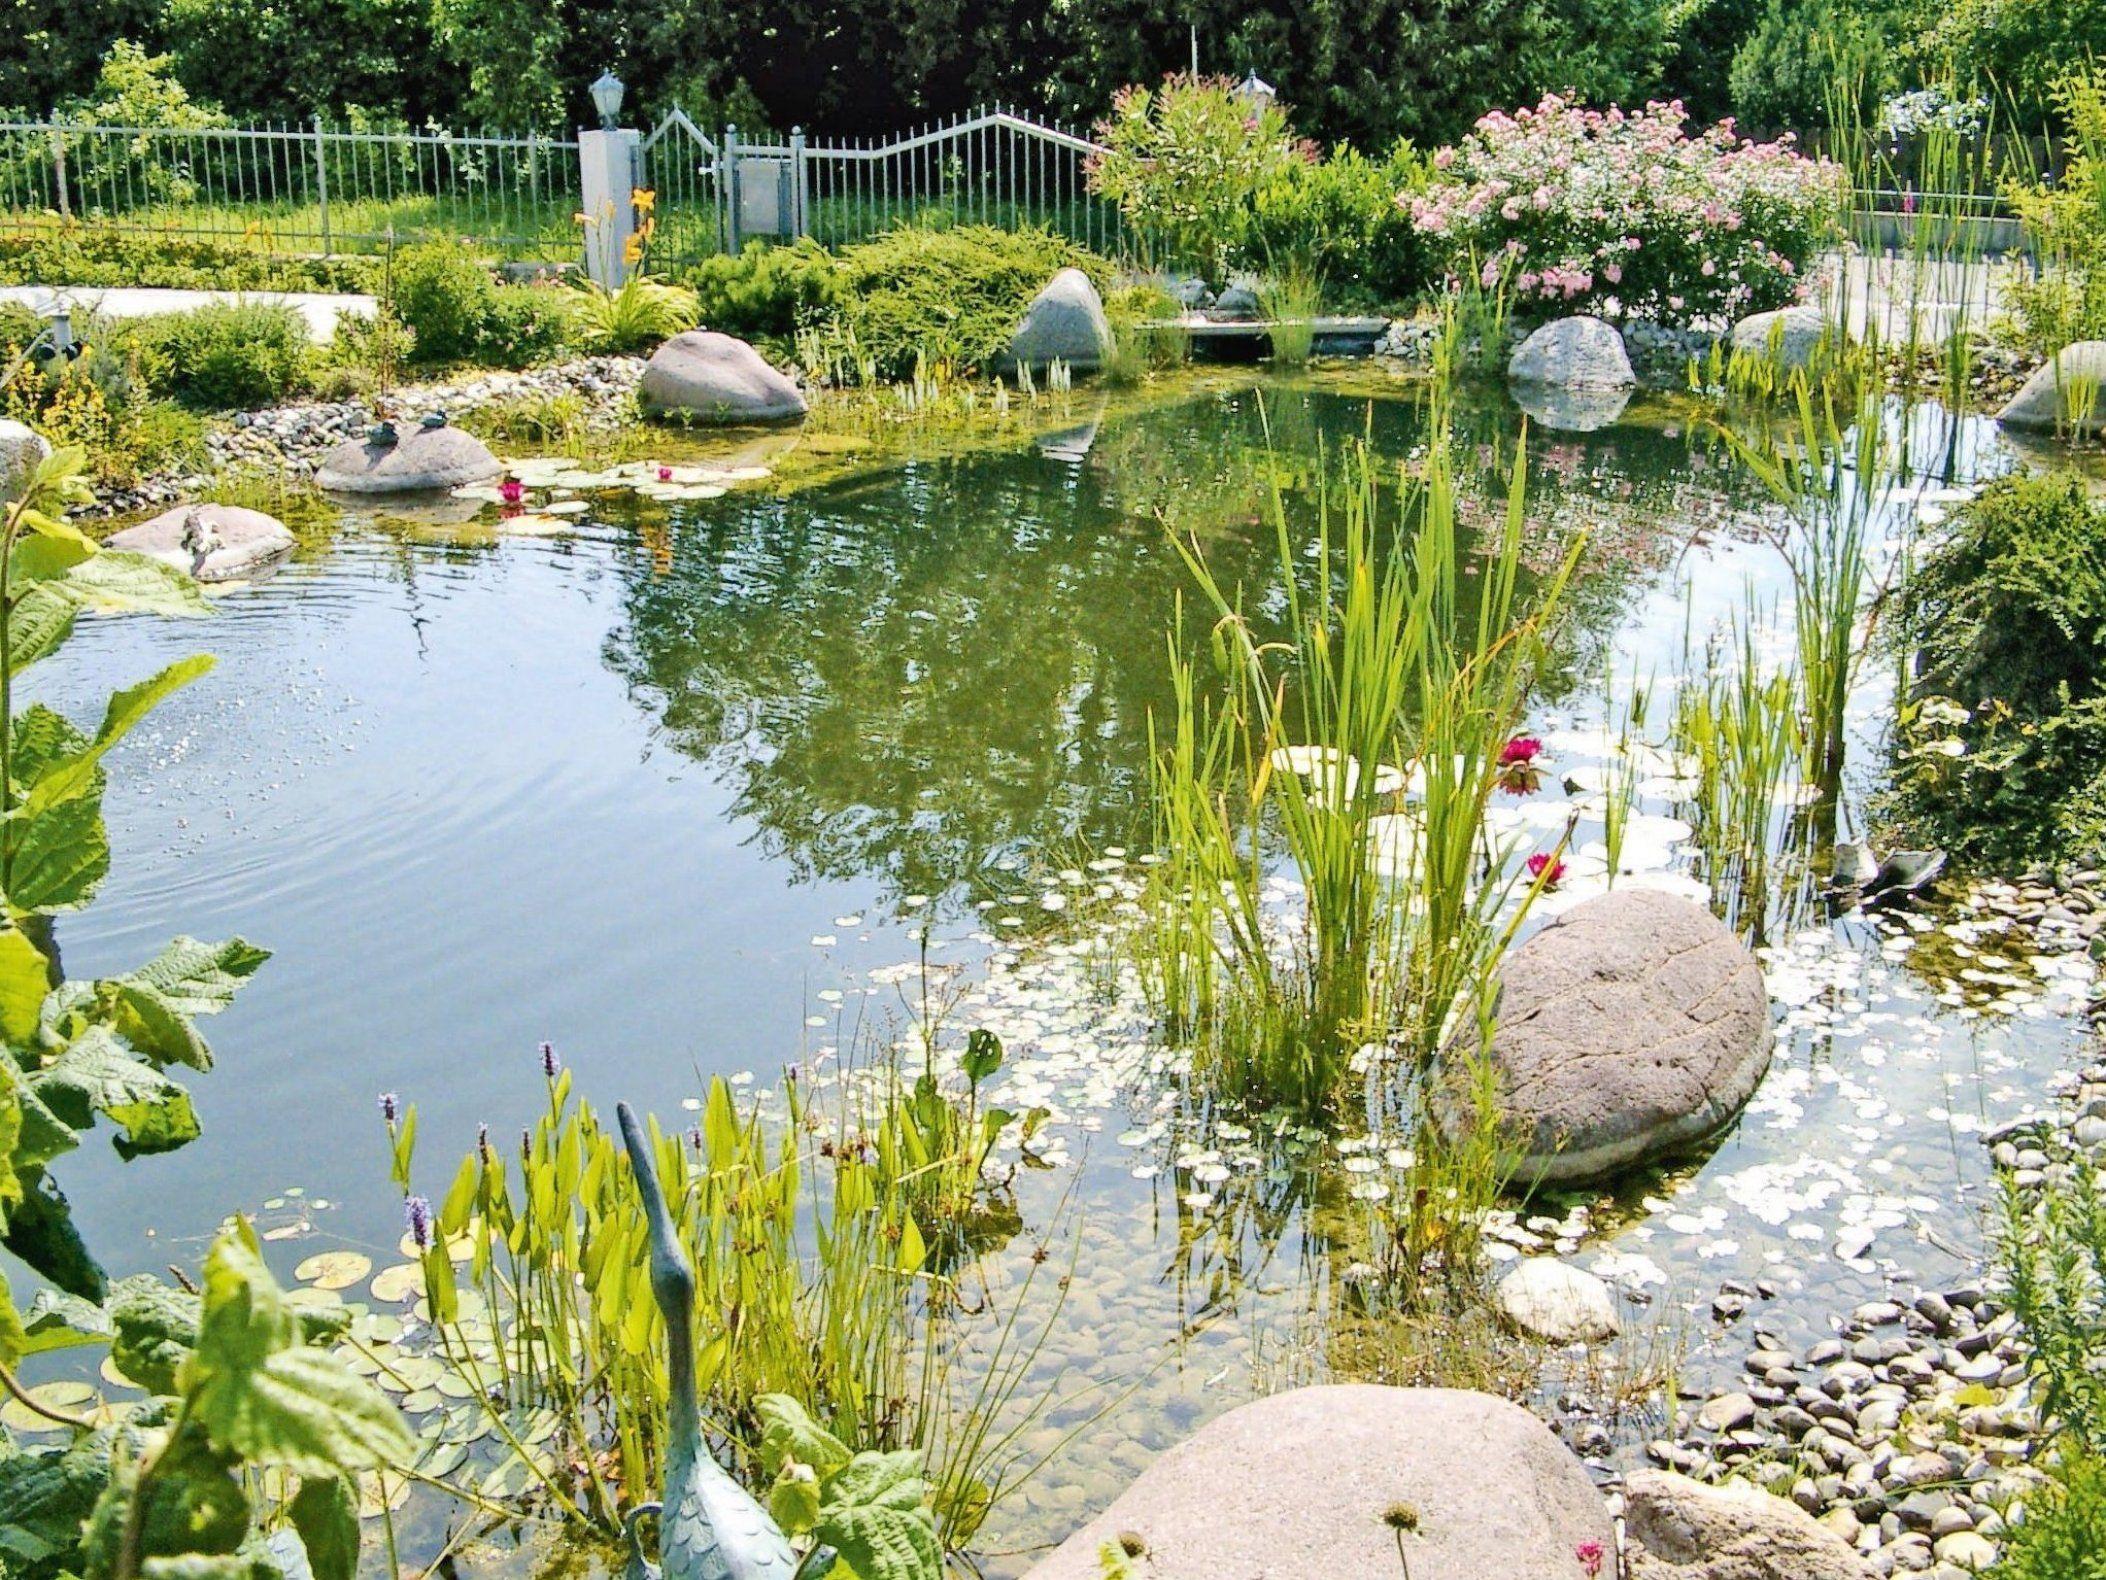 Wer Algen Vorbeugt Kann Die Gartensaison Beruhigt Auf Sich Zukommen Lassen Das Wasser Im Teich Ist Dann In 2020 Pool Landscaping Natural Swimming Pools Natural Pool